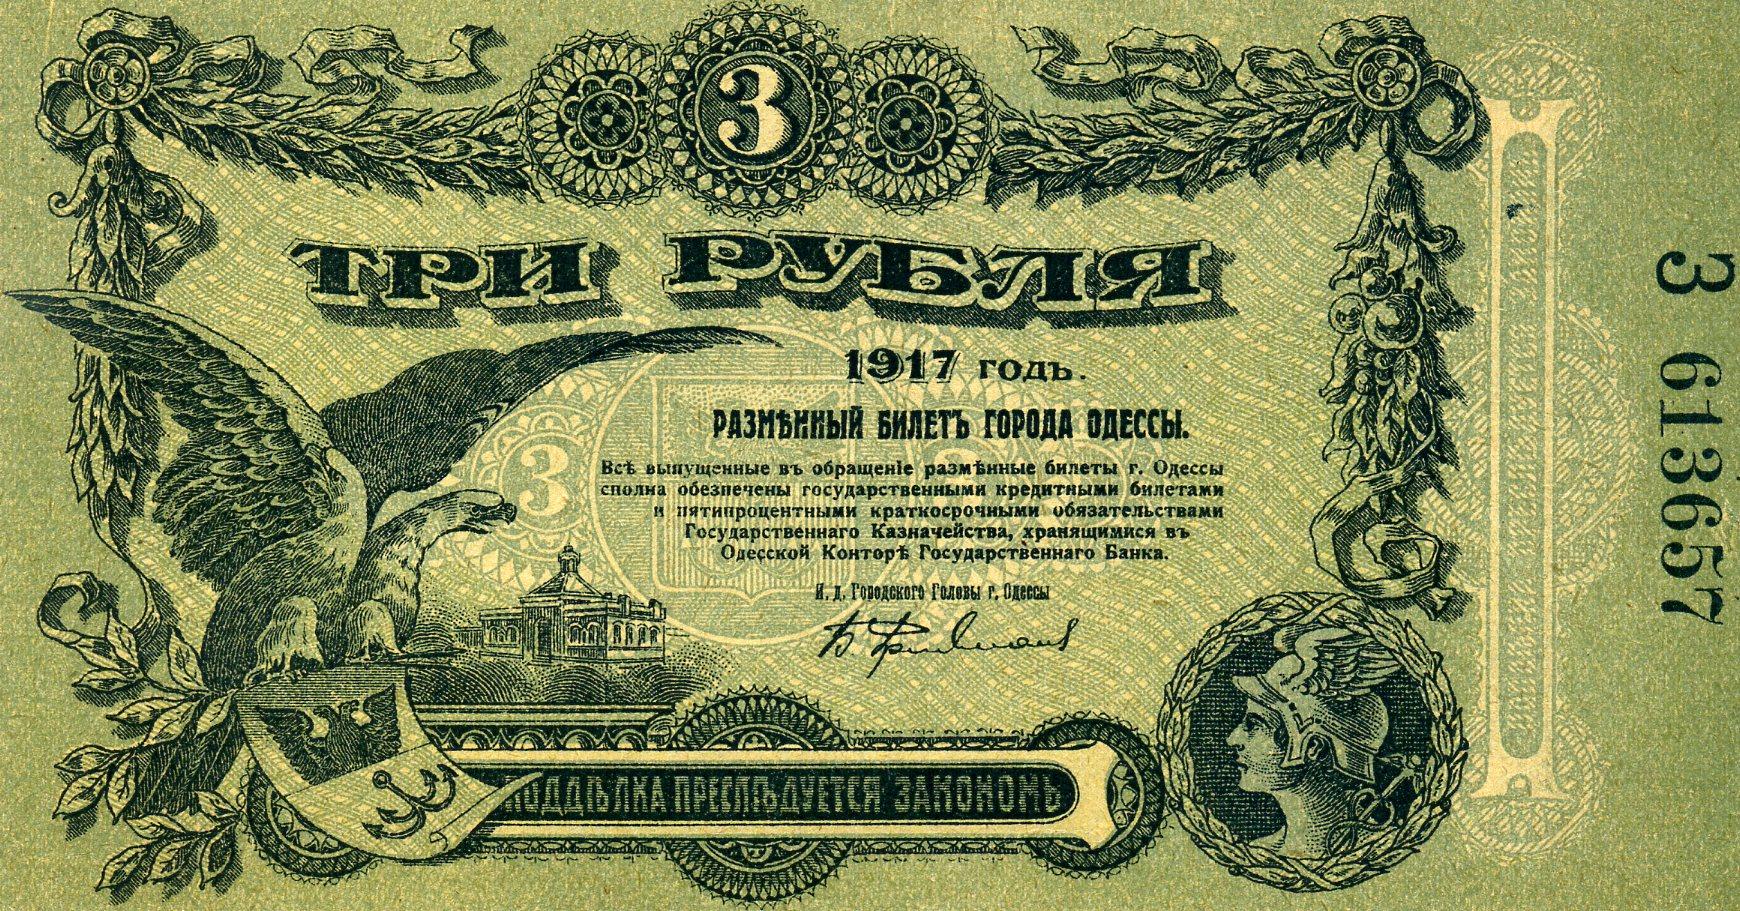 Эссе деньги в кредит в древнерусском государстве